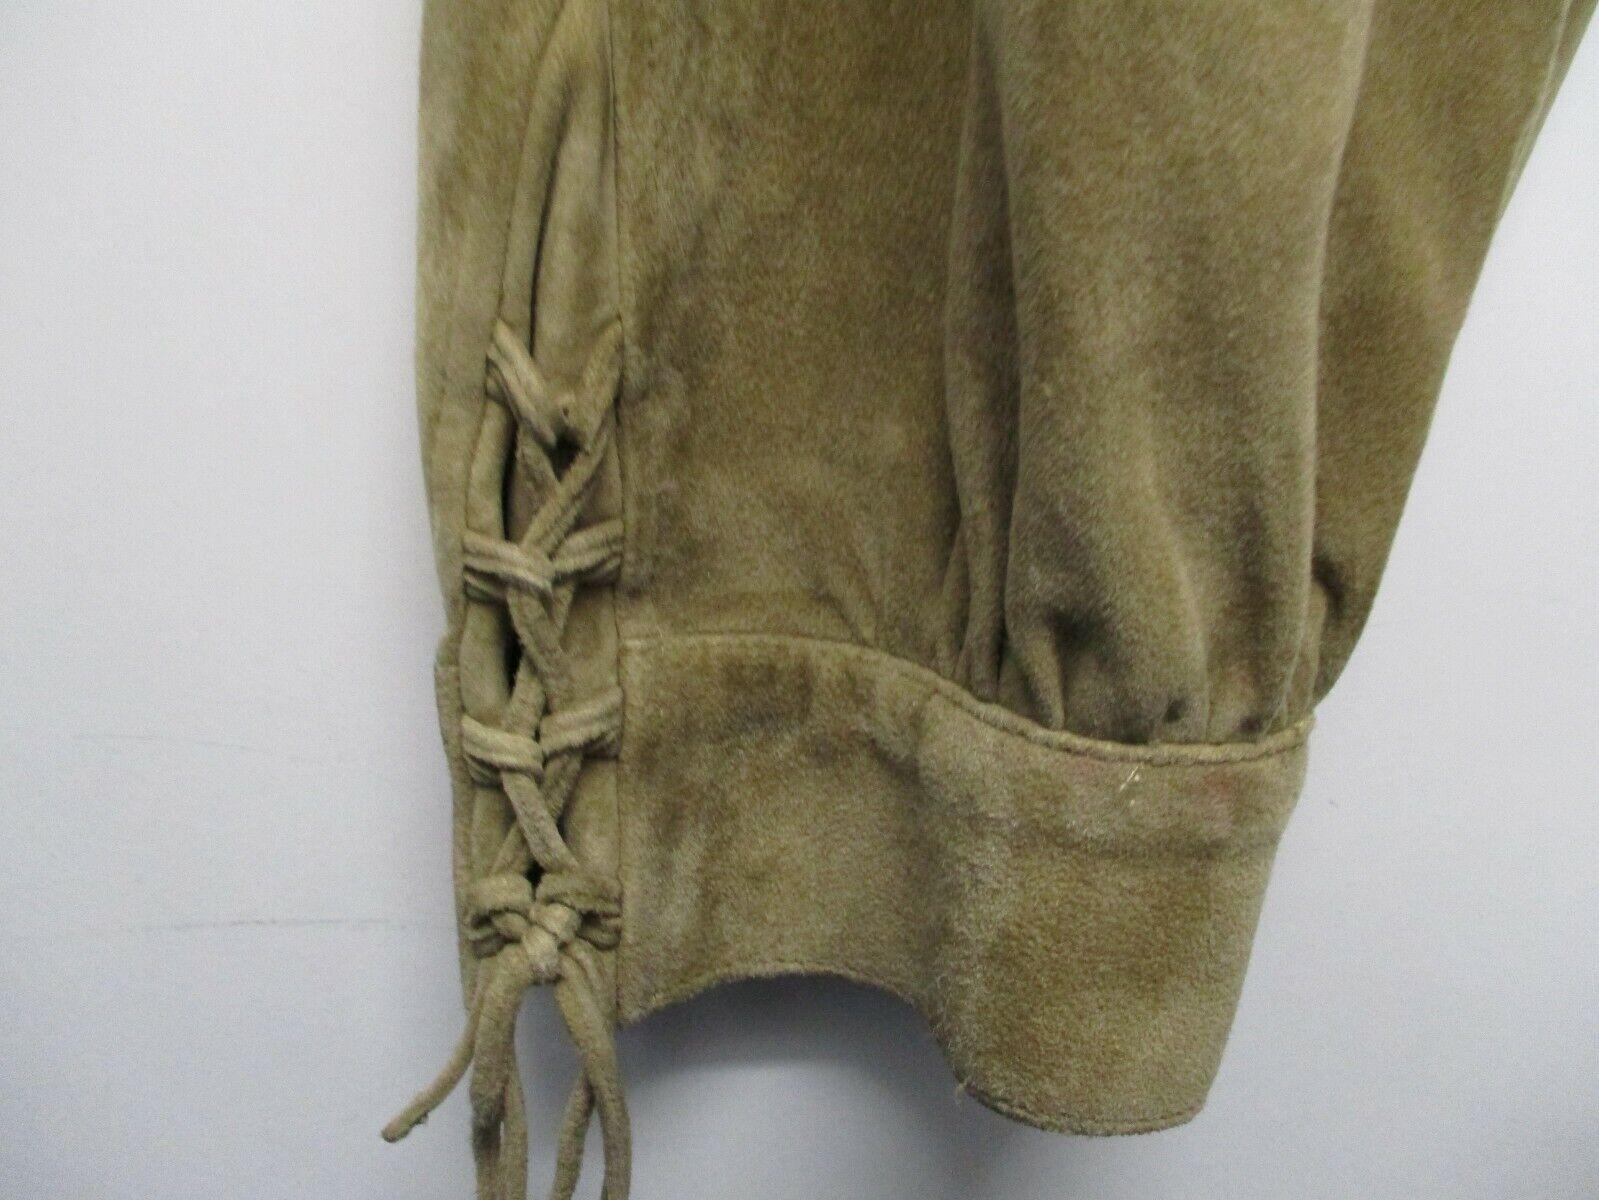 AMANN - hochwertige Trachten - Lederhose (Wildleder) in Braun, Gr. 44